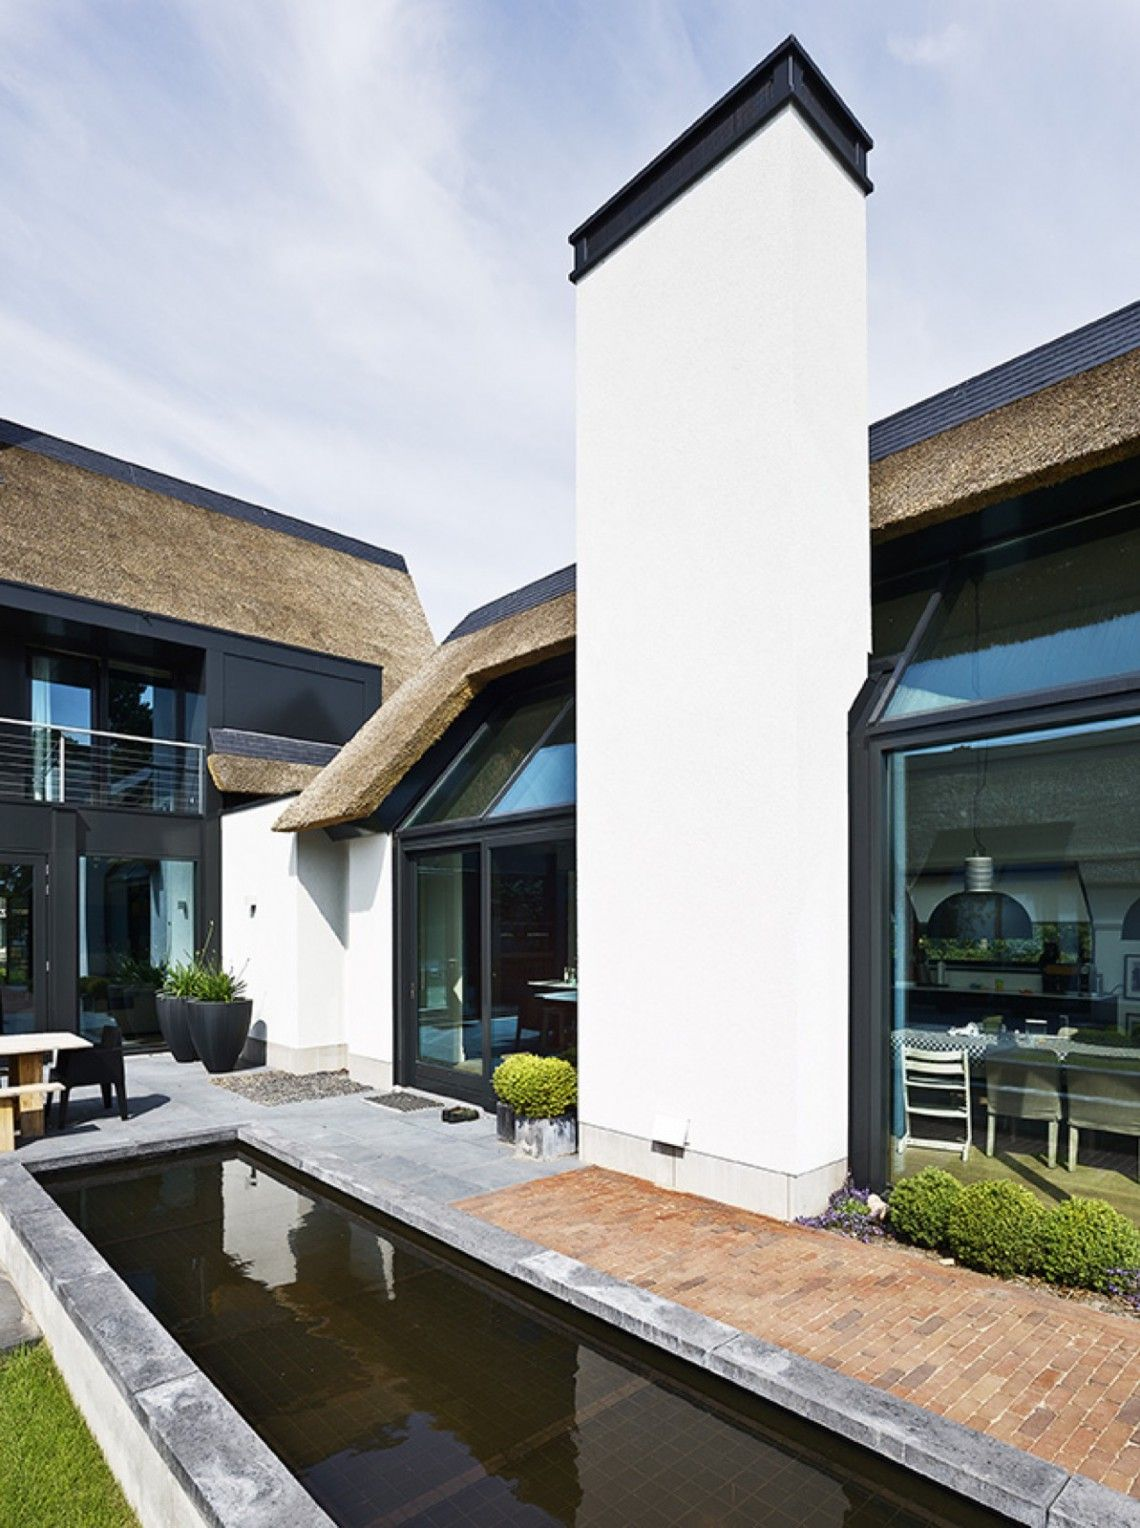 Van dinther bouwbedrijf landelijk modern huis hoog exclusieve woon en tuin inspiratie for Terras modern huis